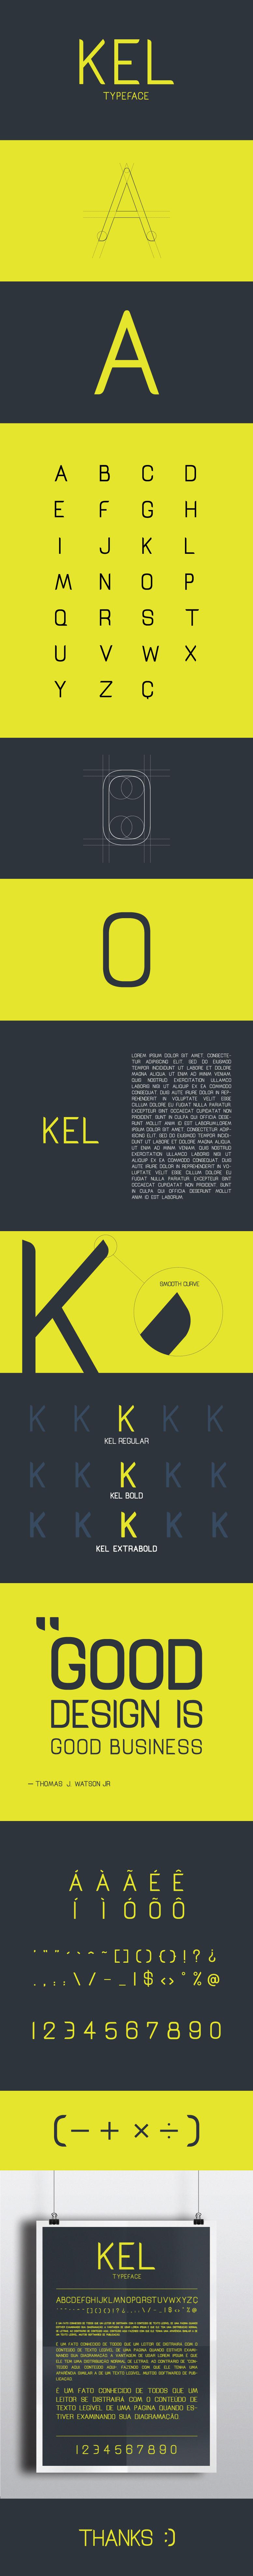 Projeto de fonte simples, san serif e free. Baixem a vontade!:)